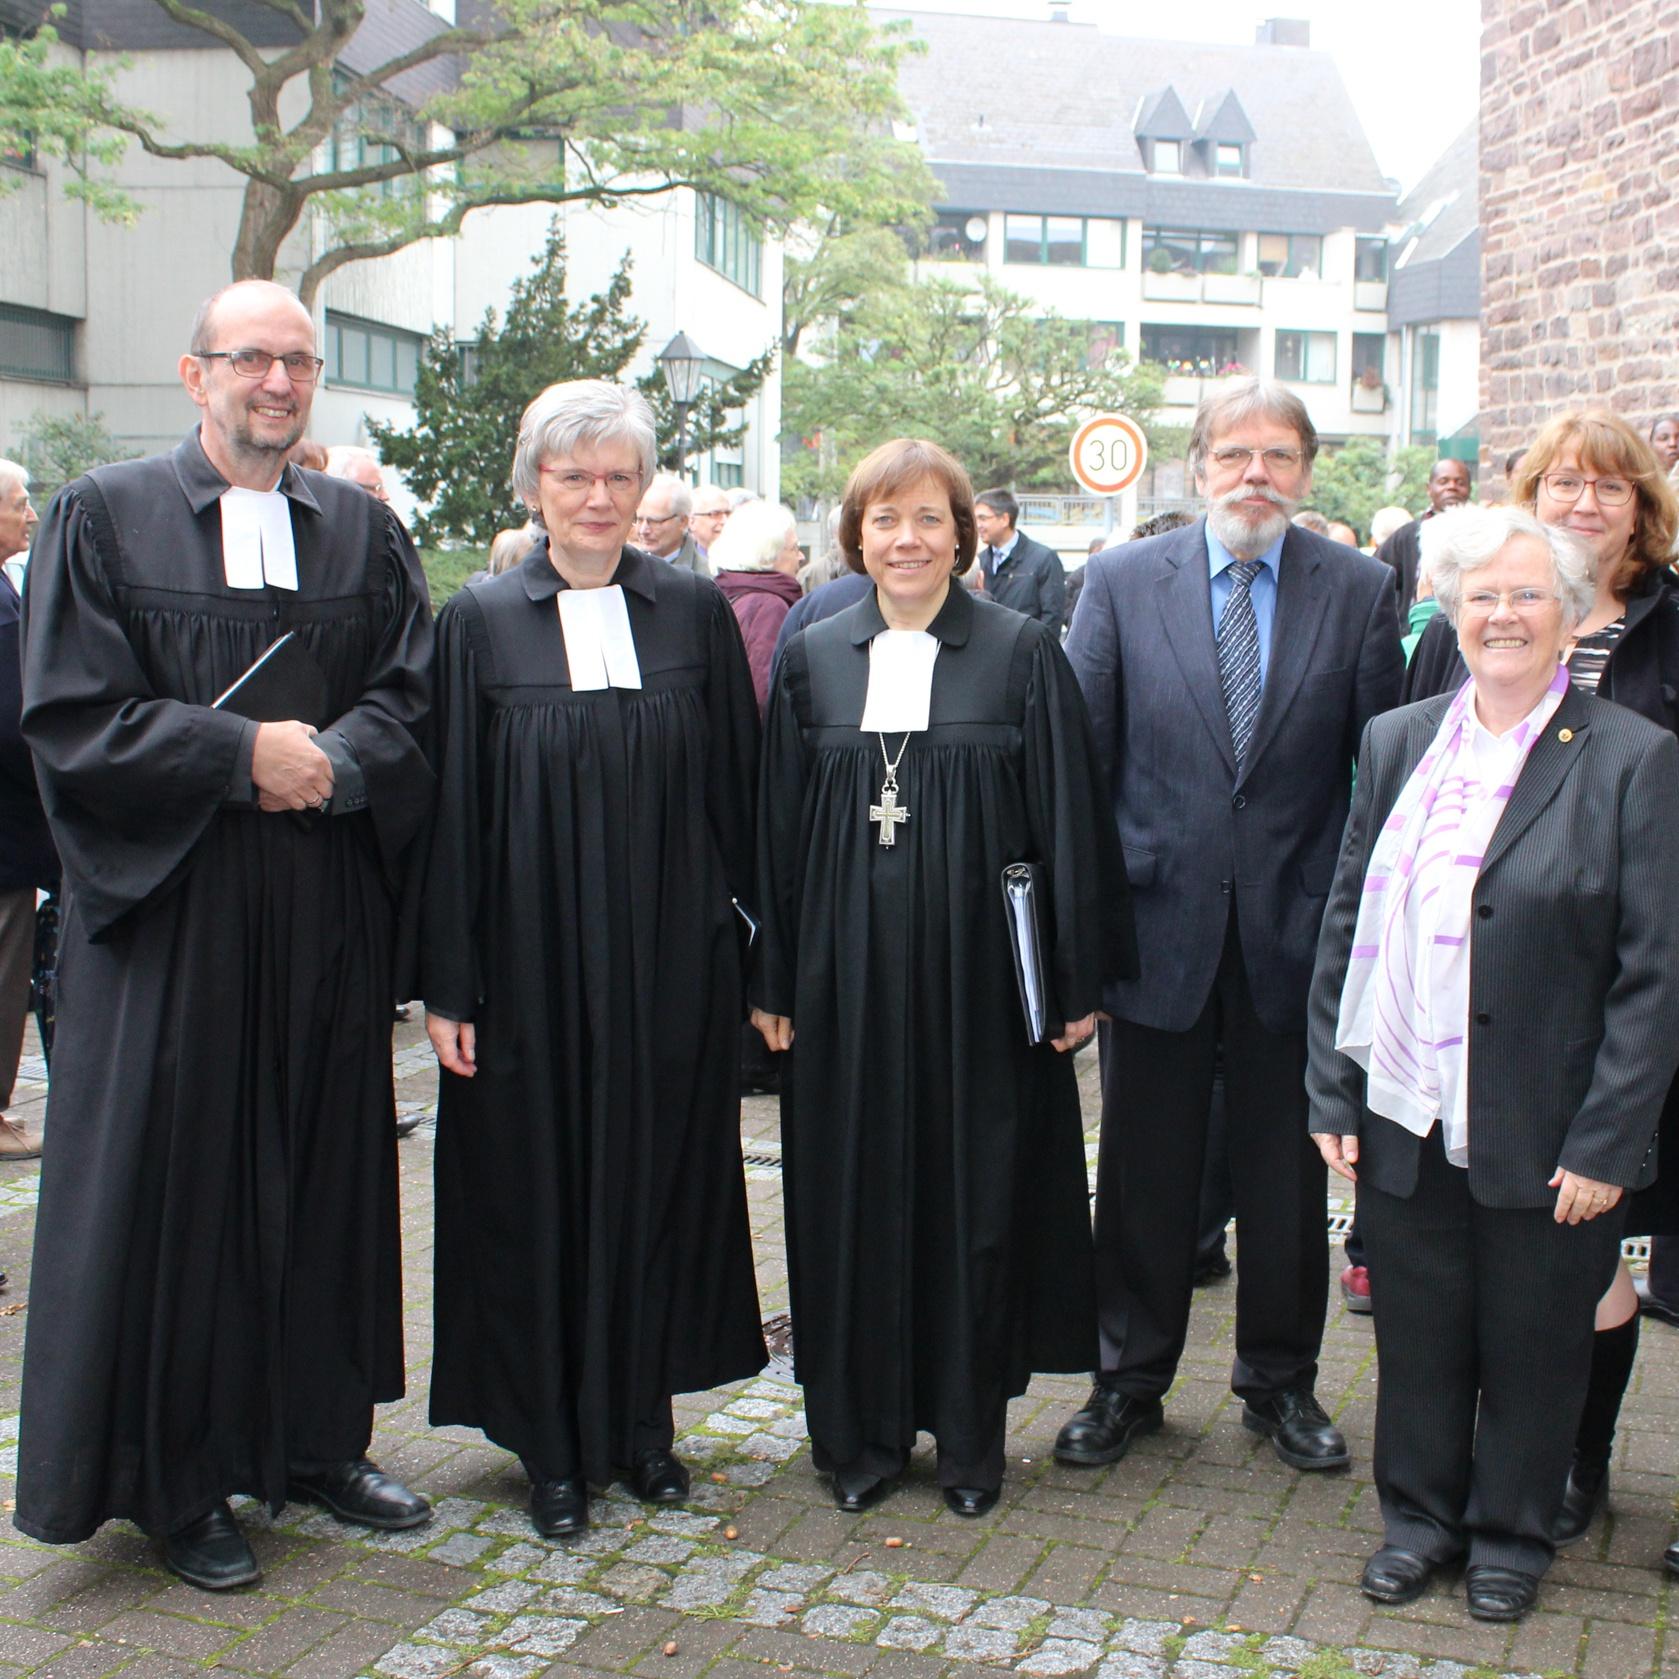 Festlicher Abschluss des Kirchenkreisjubiläums